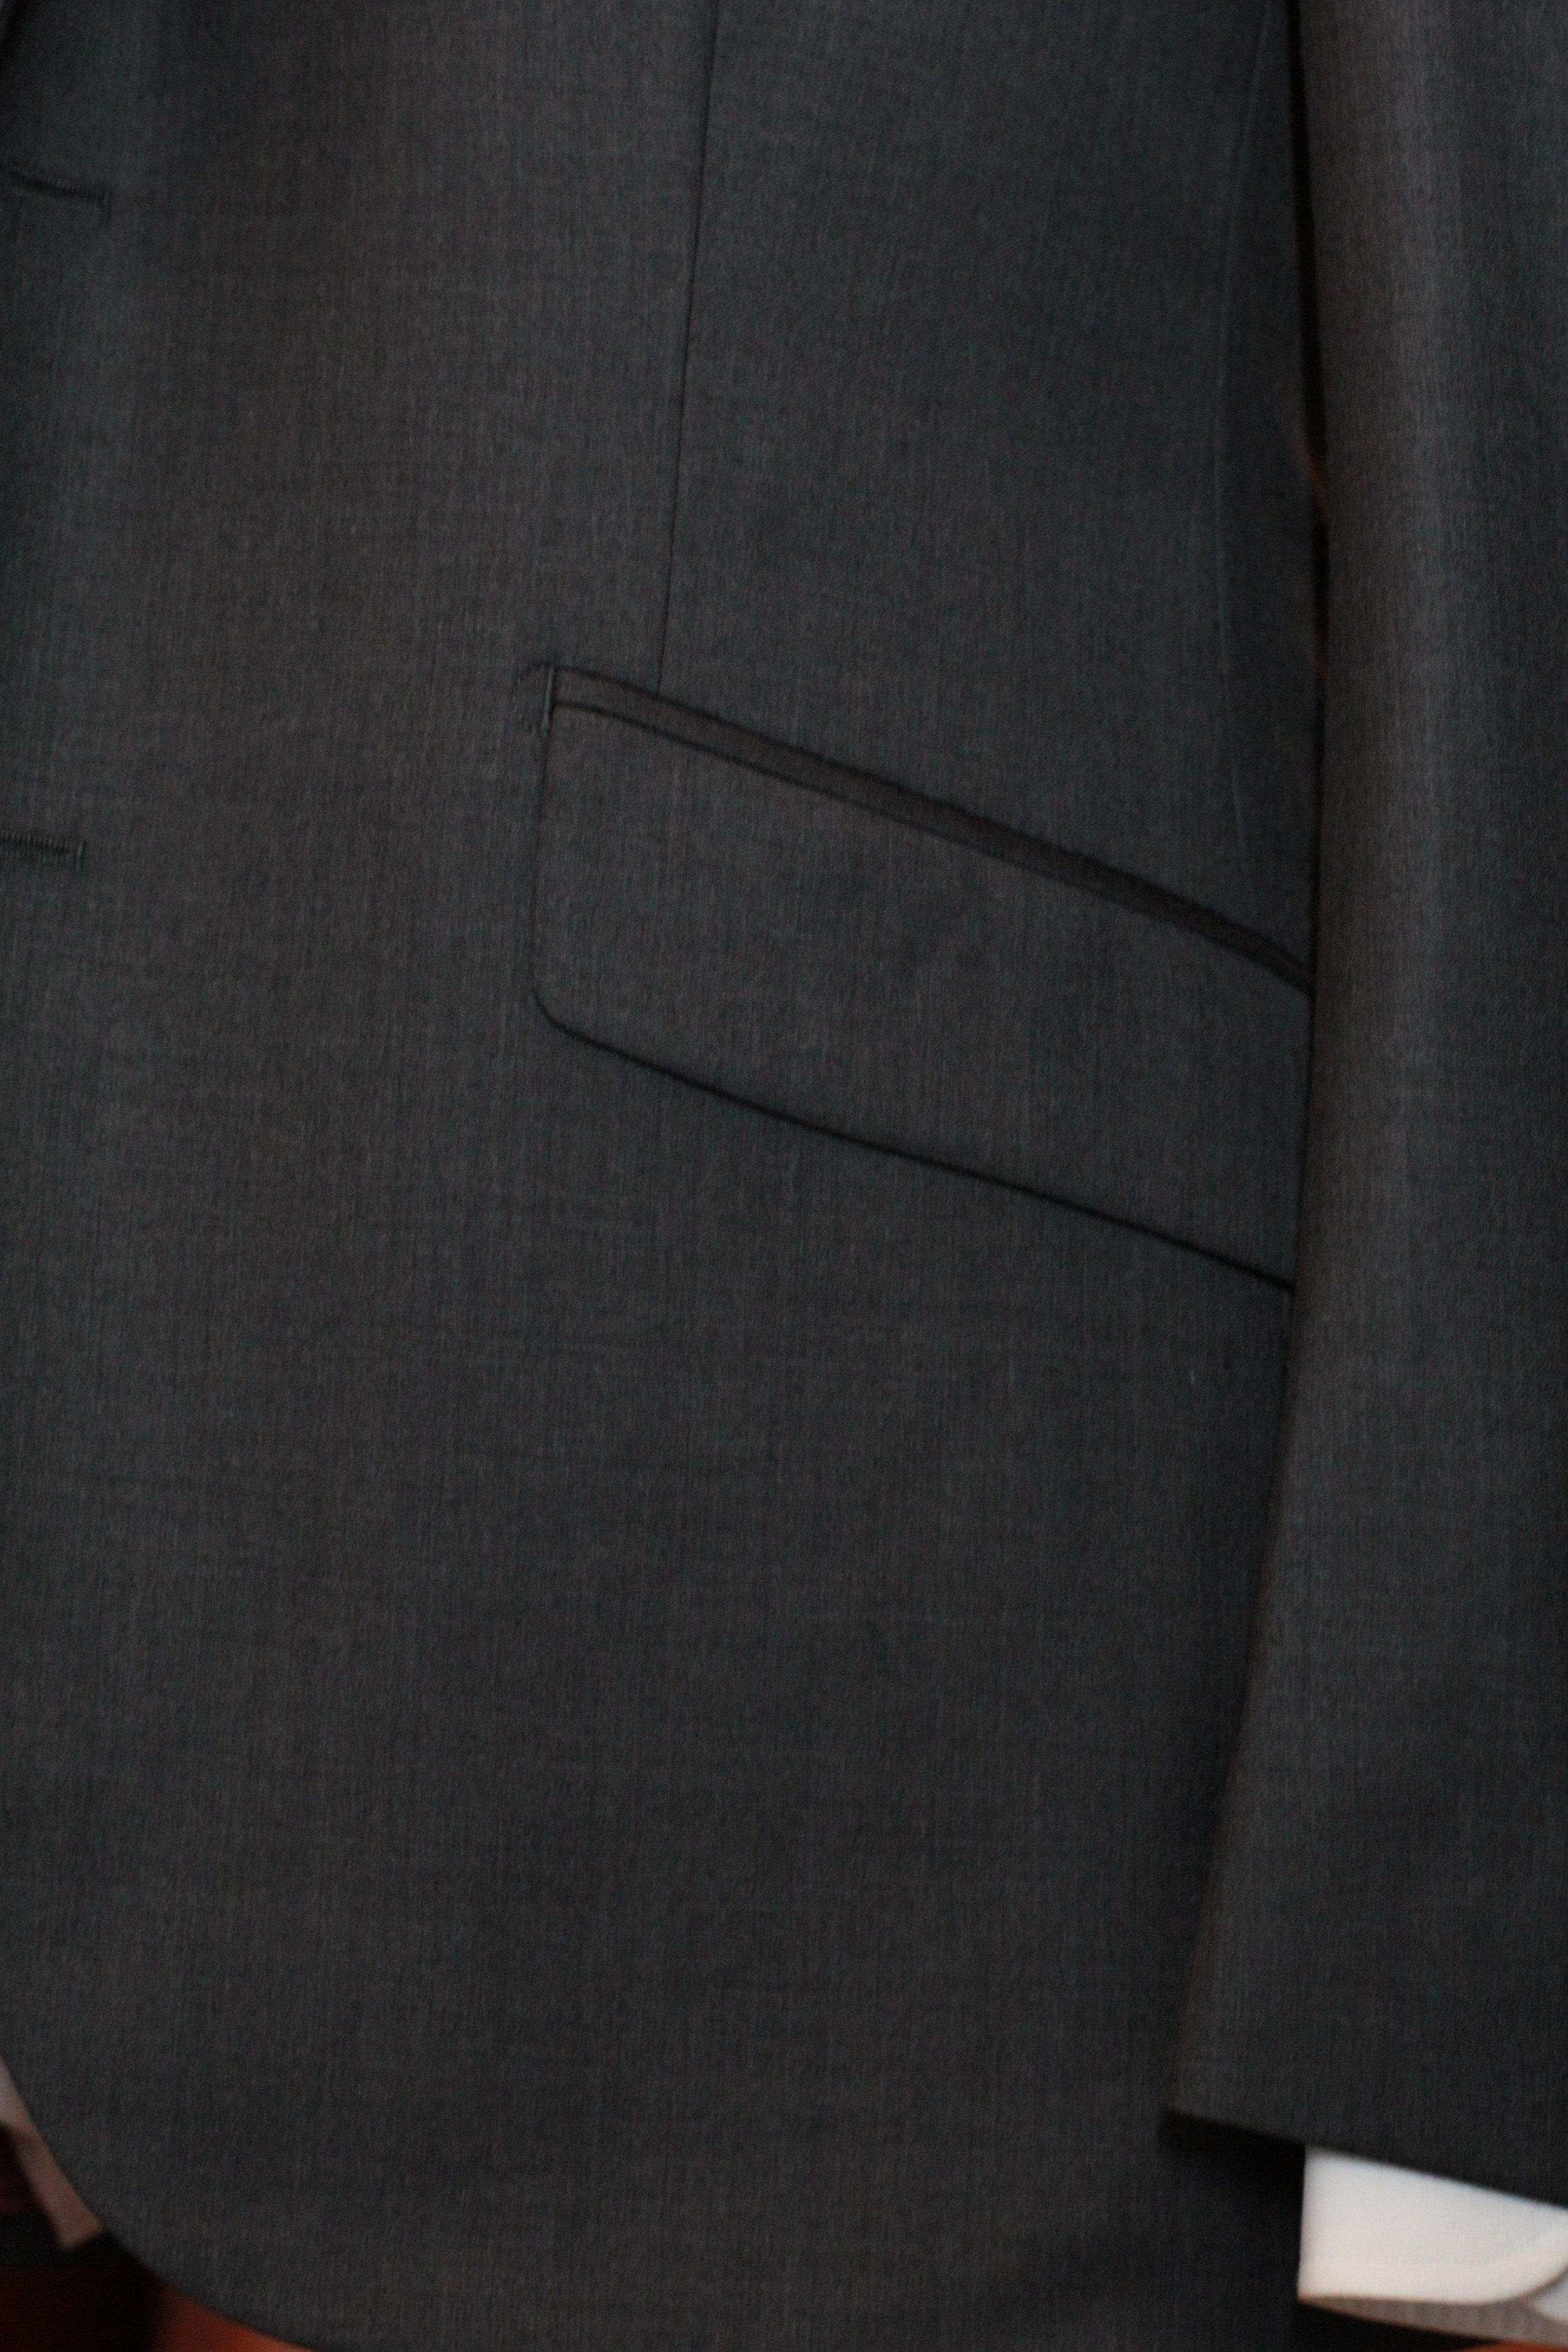 Hackett Pockets Made Suits.JPG